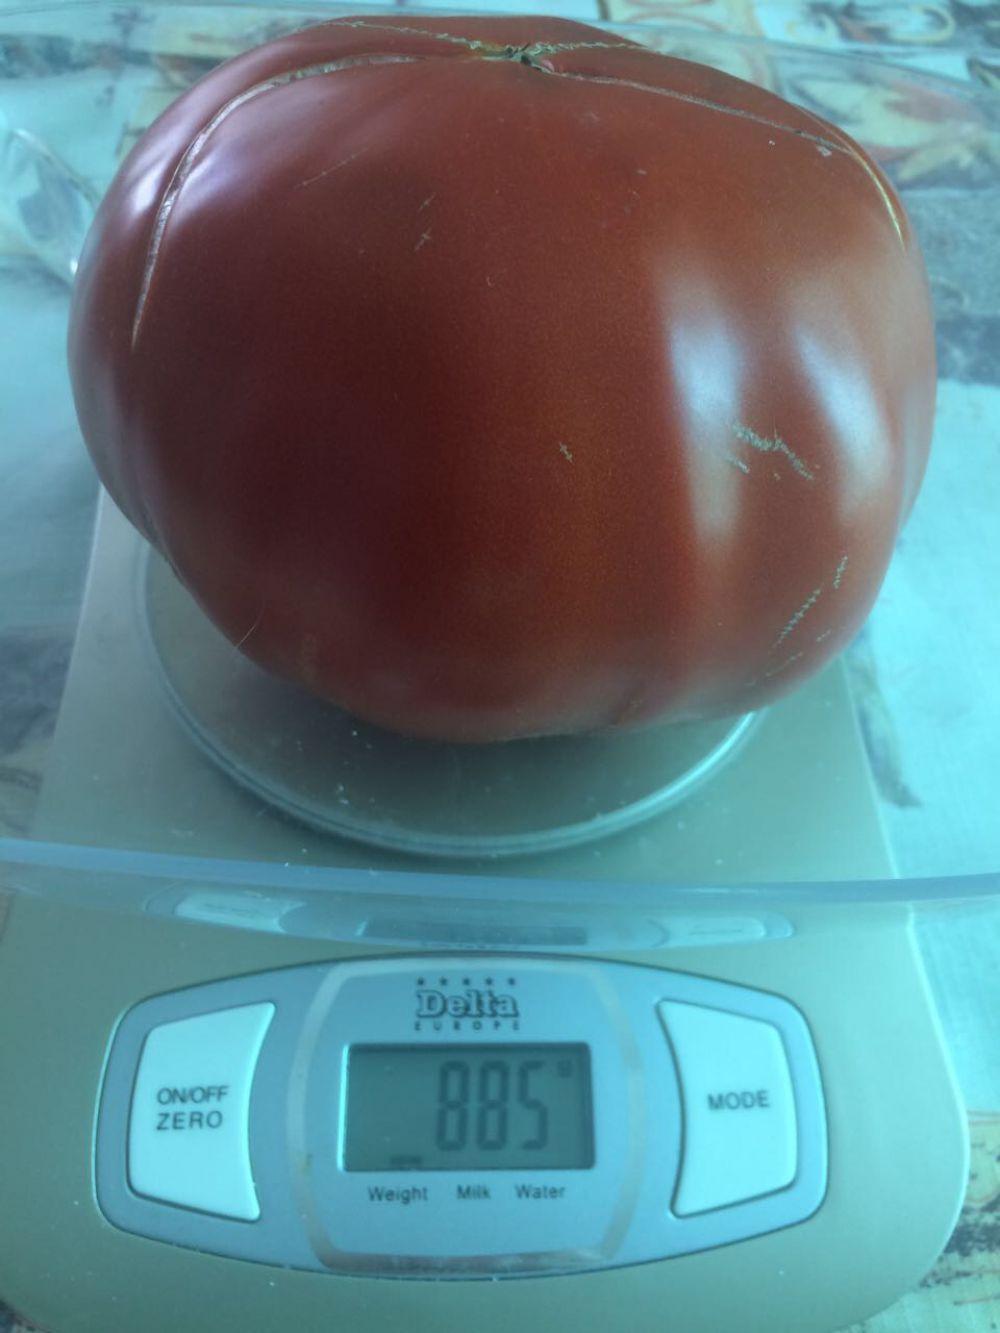 Эльвира Журавлёва прислала фото томата весом больше 800 гр., который вырастила на своём огороде Валентина Ивановна Урясьева из ст. Новотроицкой